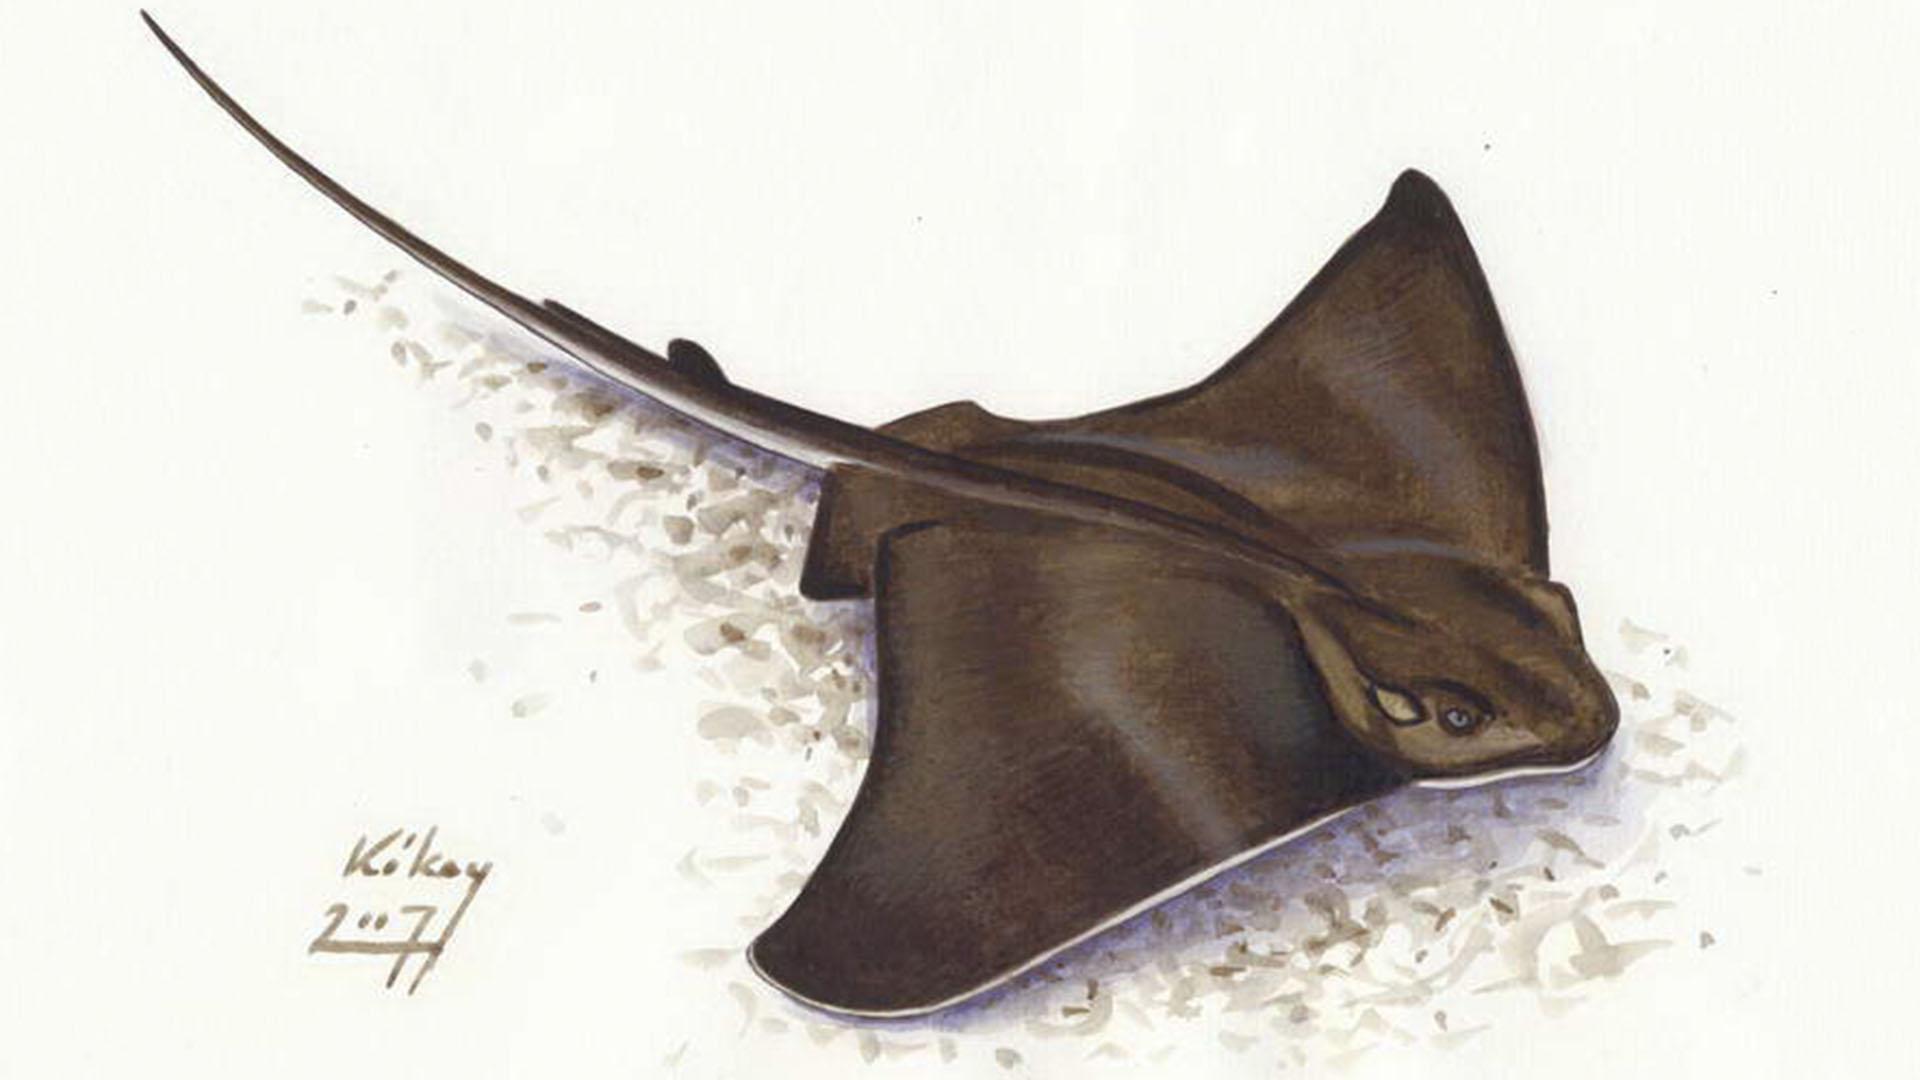 Meeresbewohner von Fuerteventura –Gewöhnliche Adlerrochen (Myliobatis aquila).